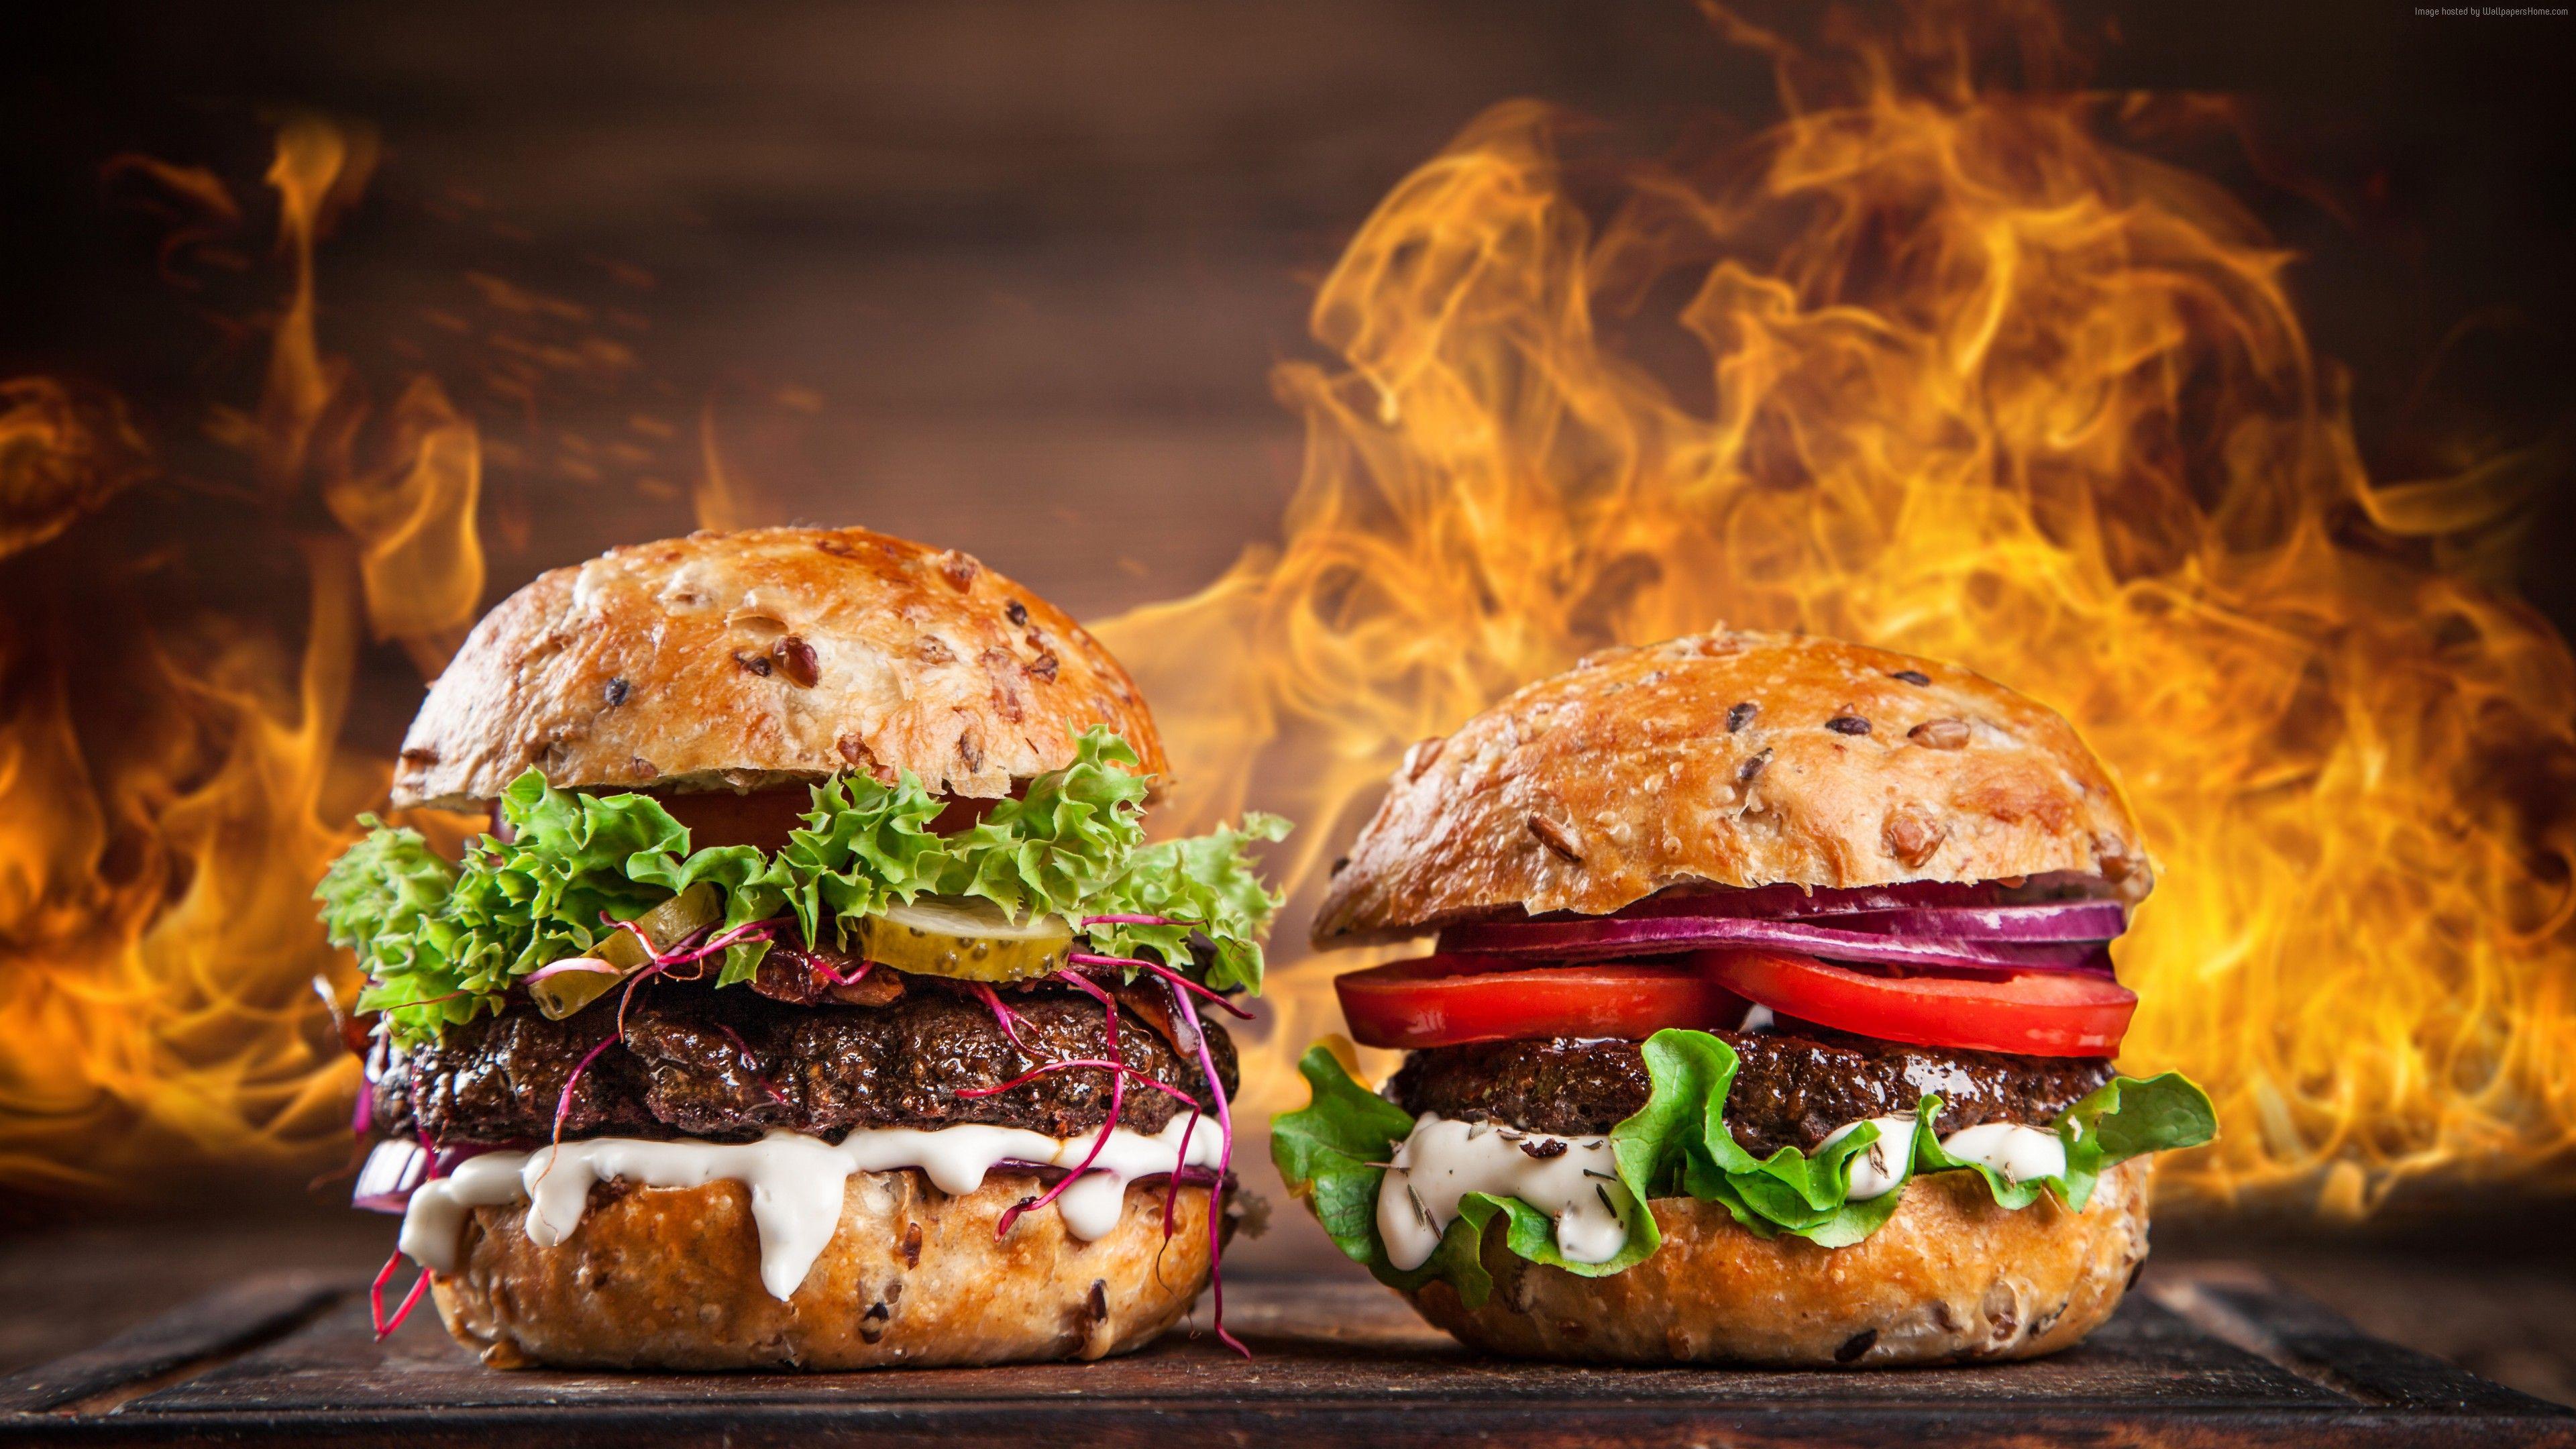 Wallpaper Burger Steak Fire 5k Food Com Imagens Hamburguer